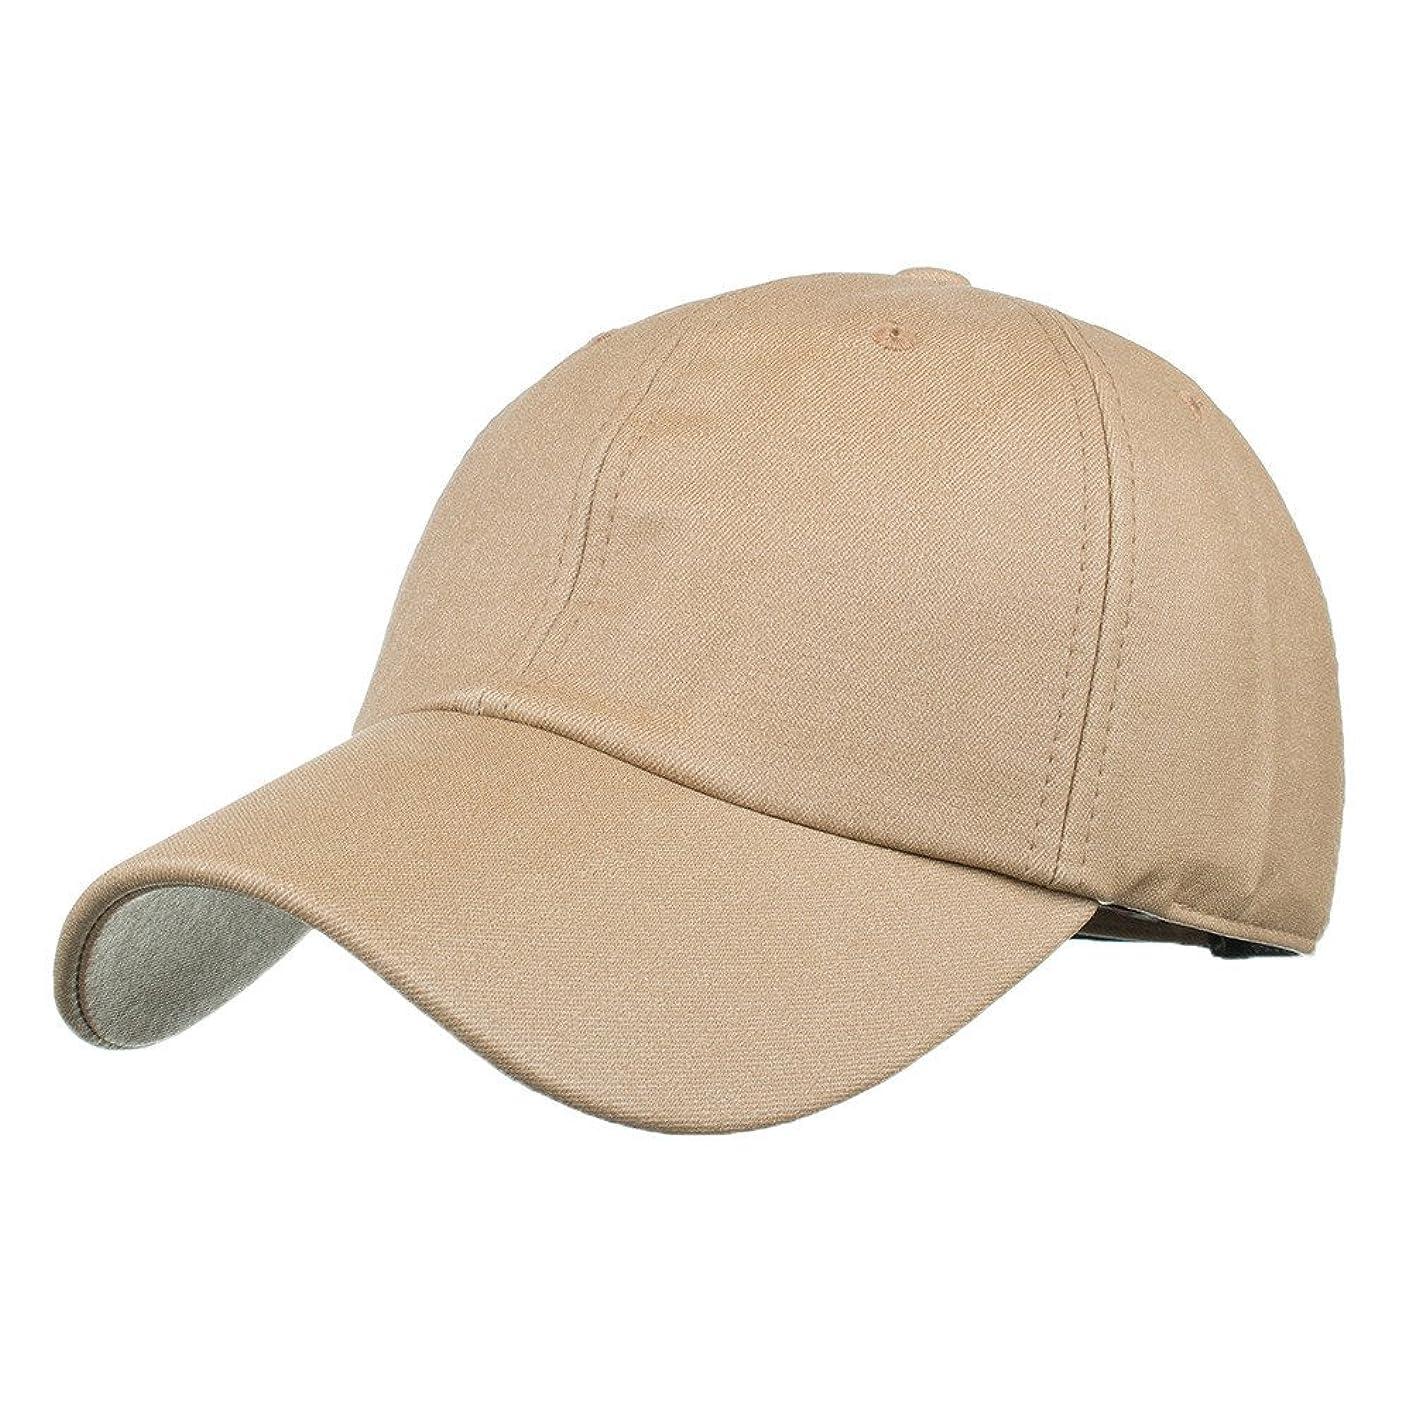 チェリーかんがい潜水艦Racazing Cap PU 無地 ヒップホップ 野球帽 通気性のある 帽子 夏 登山 可調整可能 棒球帽 UV 帽子 軽量 屋外 Unisex Hat (カーキ)